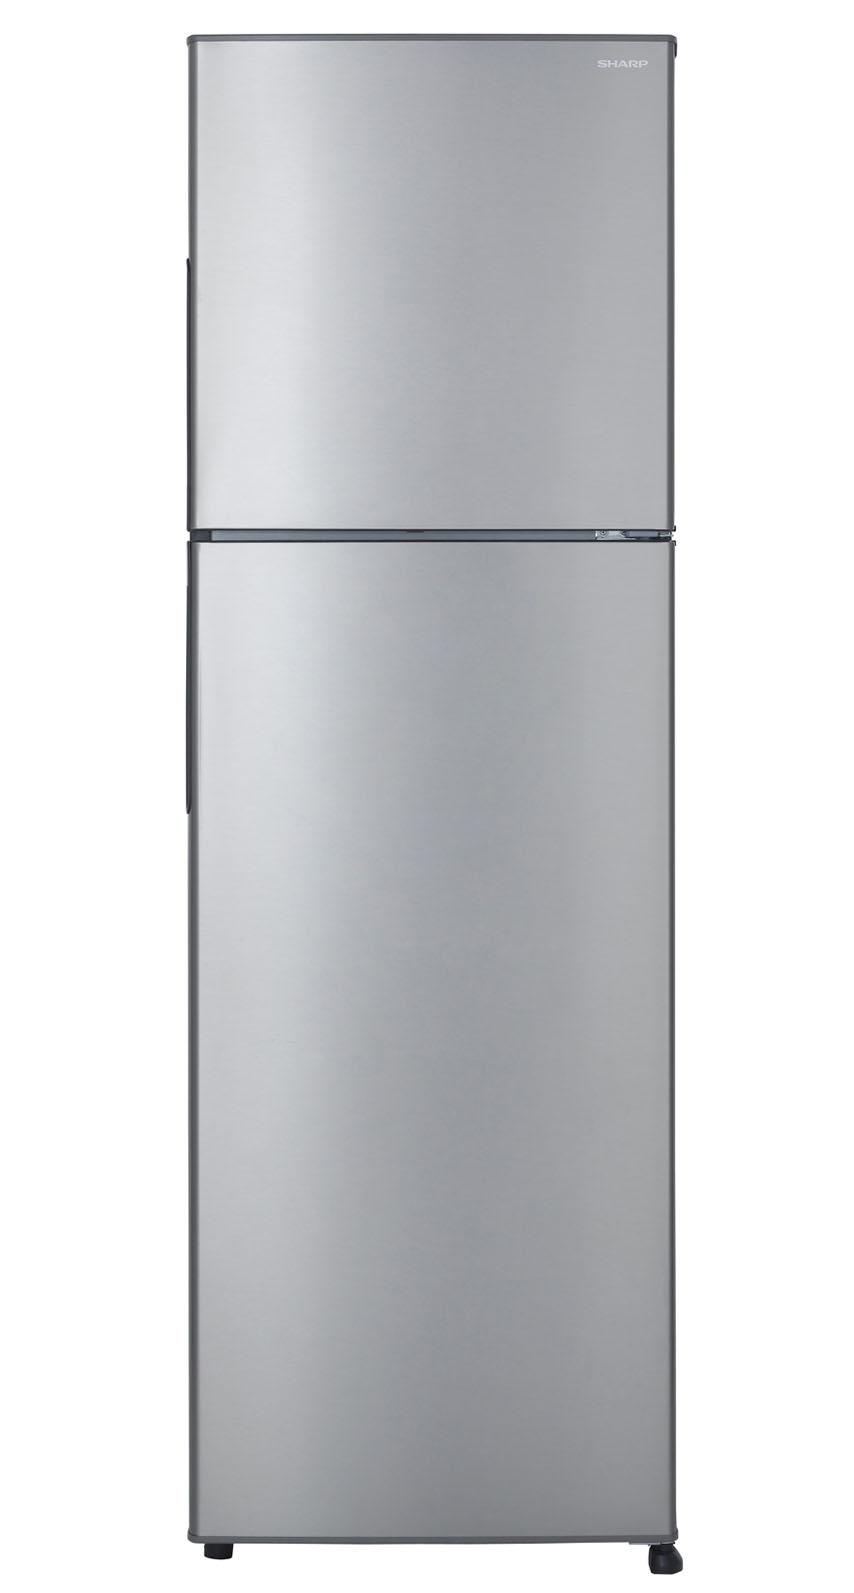 Sharp ตู้เย็น 2 ประตู พร้อมระบบฟอกอากาศ Ag+ Nano ขนาด 8.9 คิวรุ่น SJ-Y25T-SL - สีเงิน